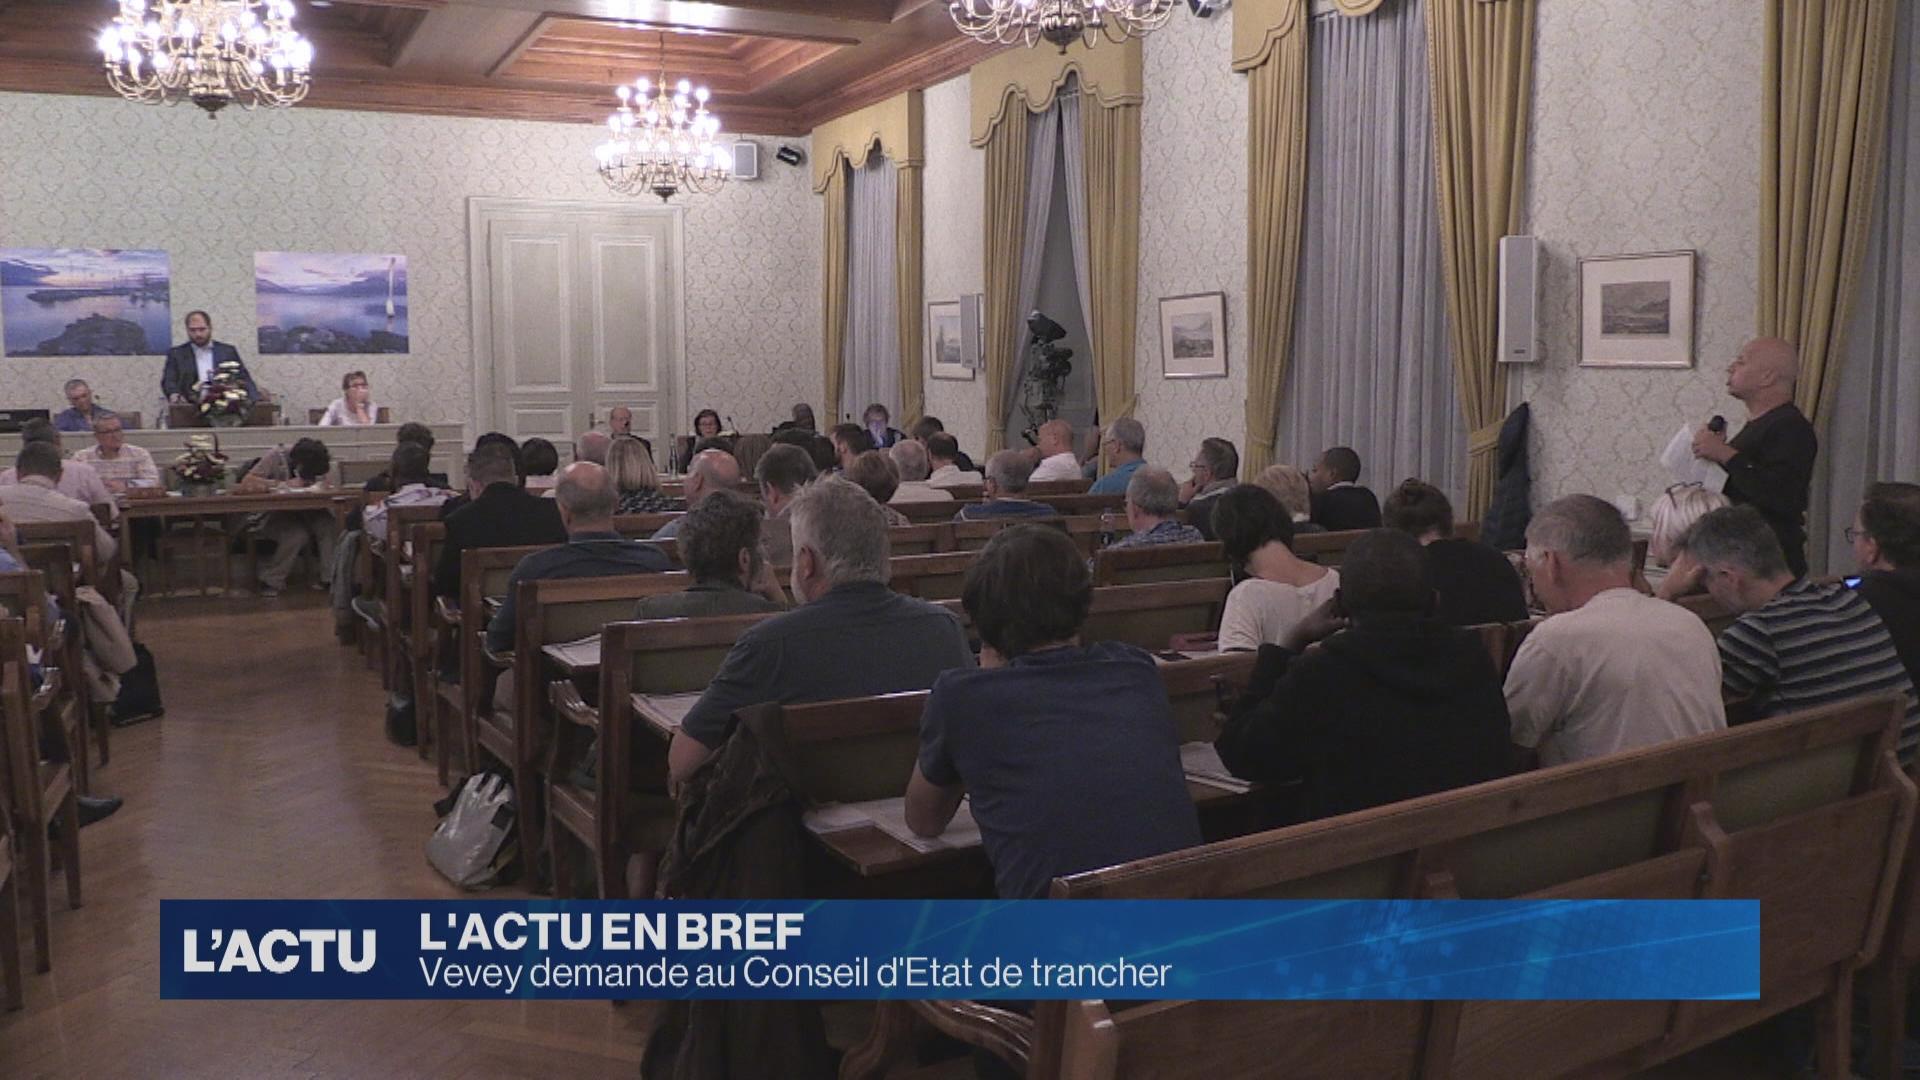 Vevey demande au Conseil d'Etat de trancher